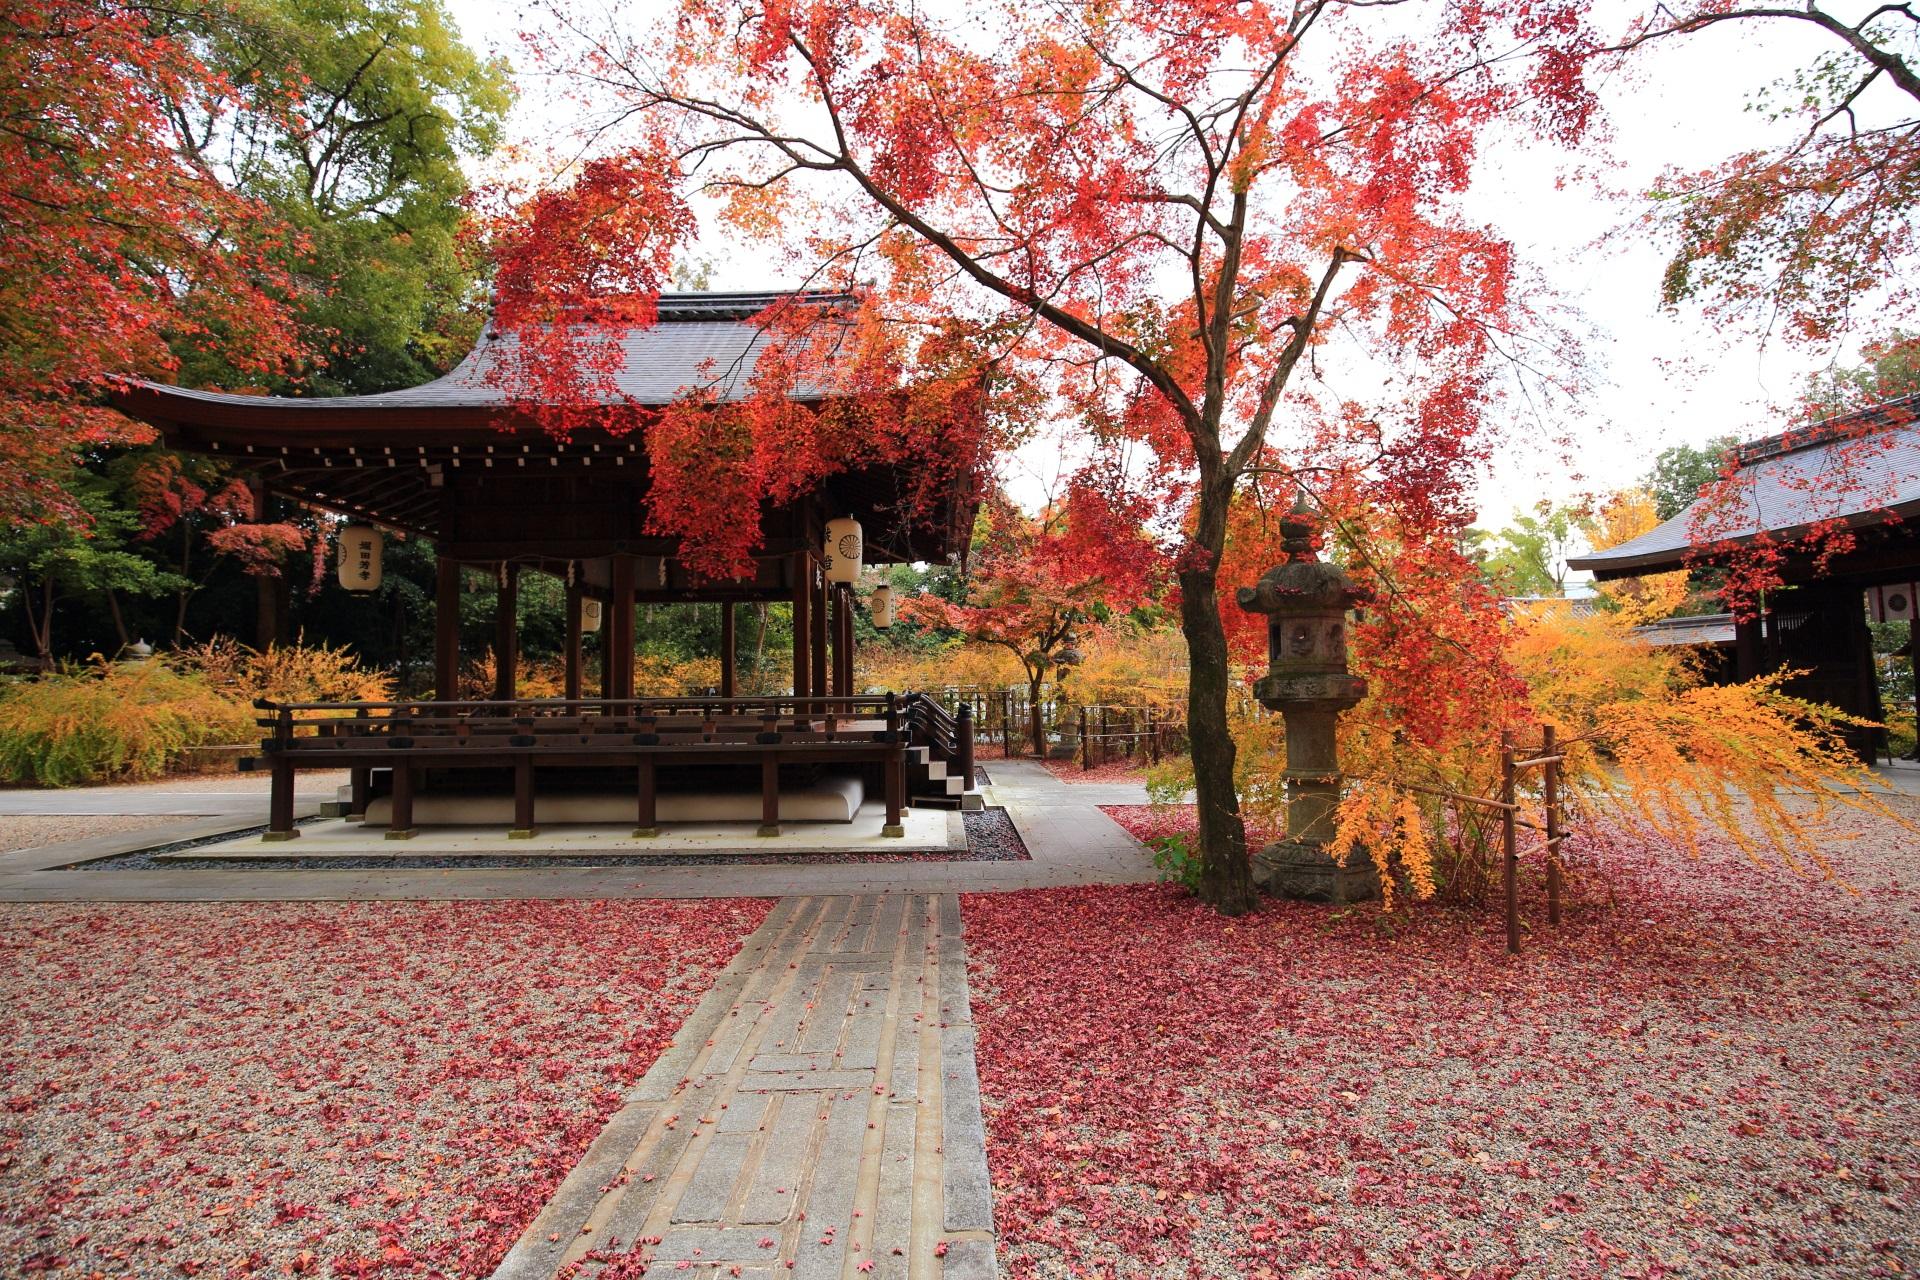 拝殿を華やぐ紅葉と散りもみじと萩